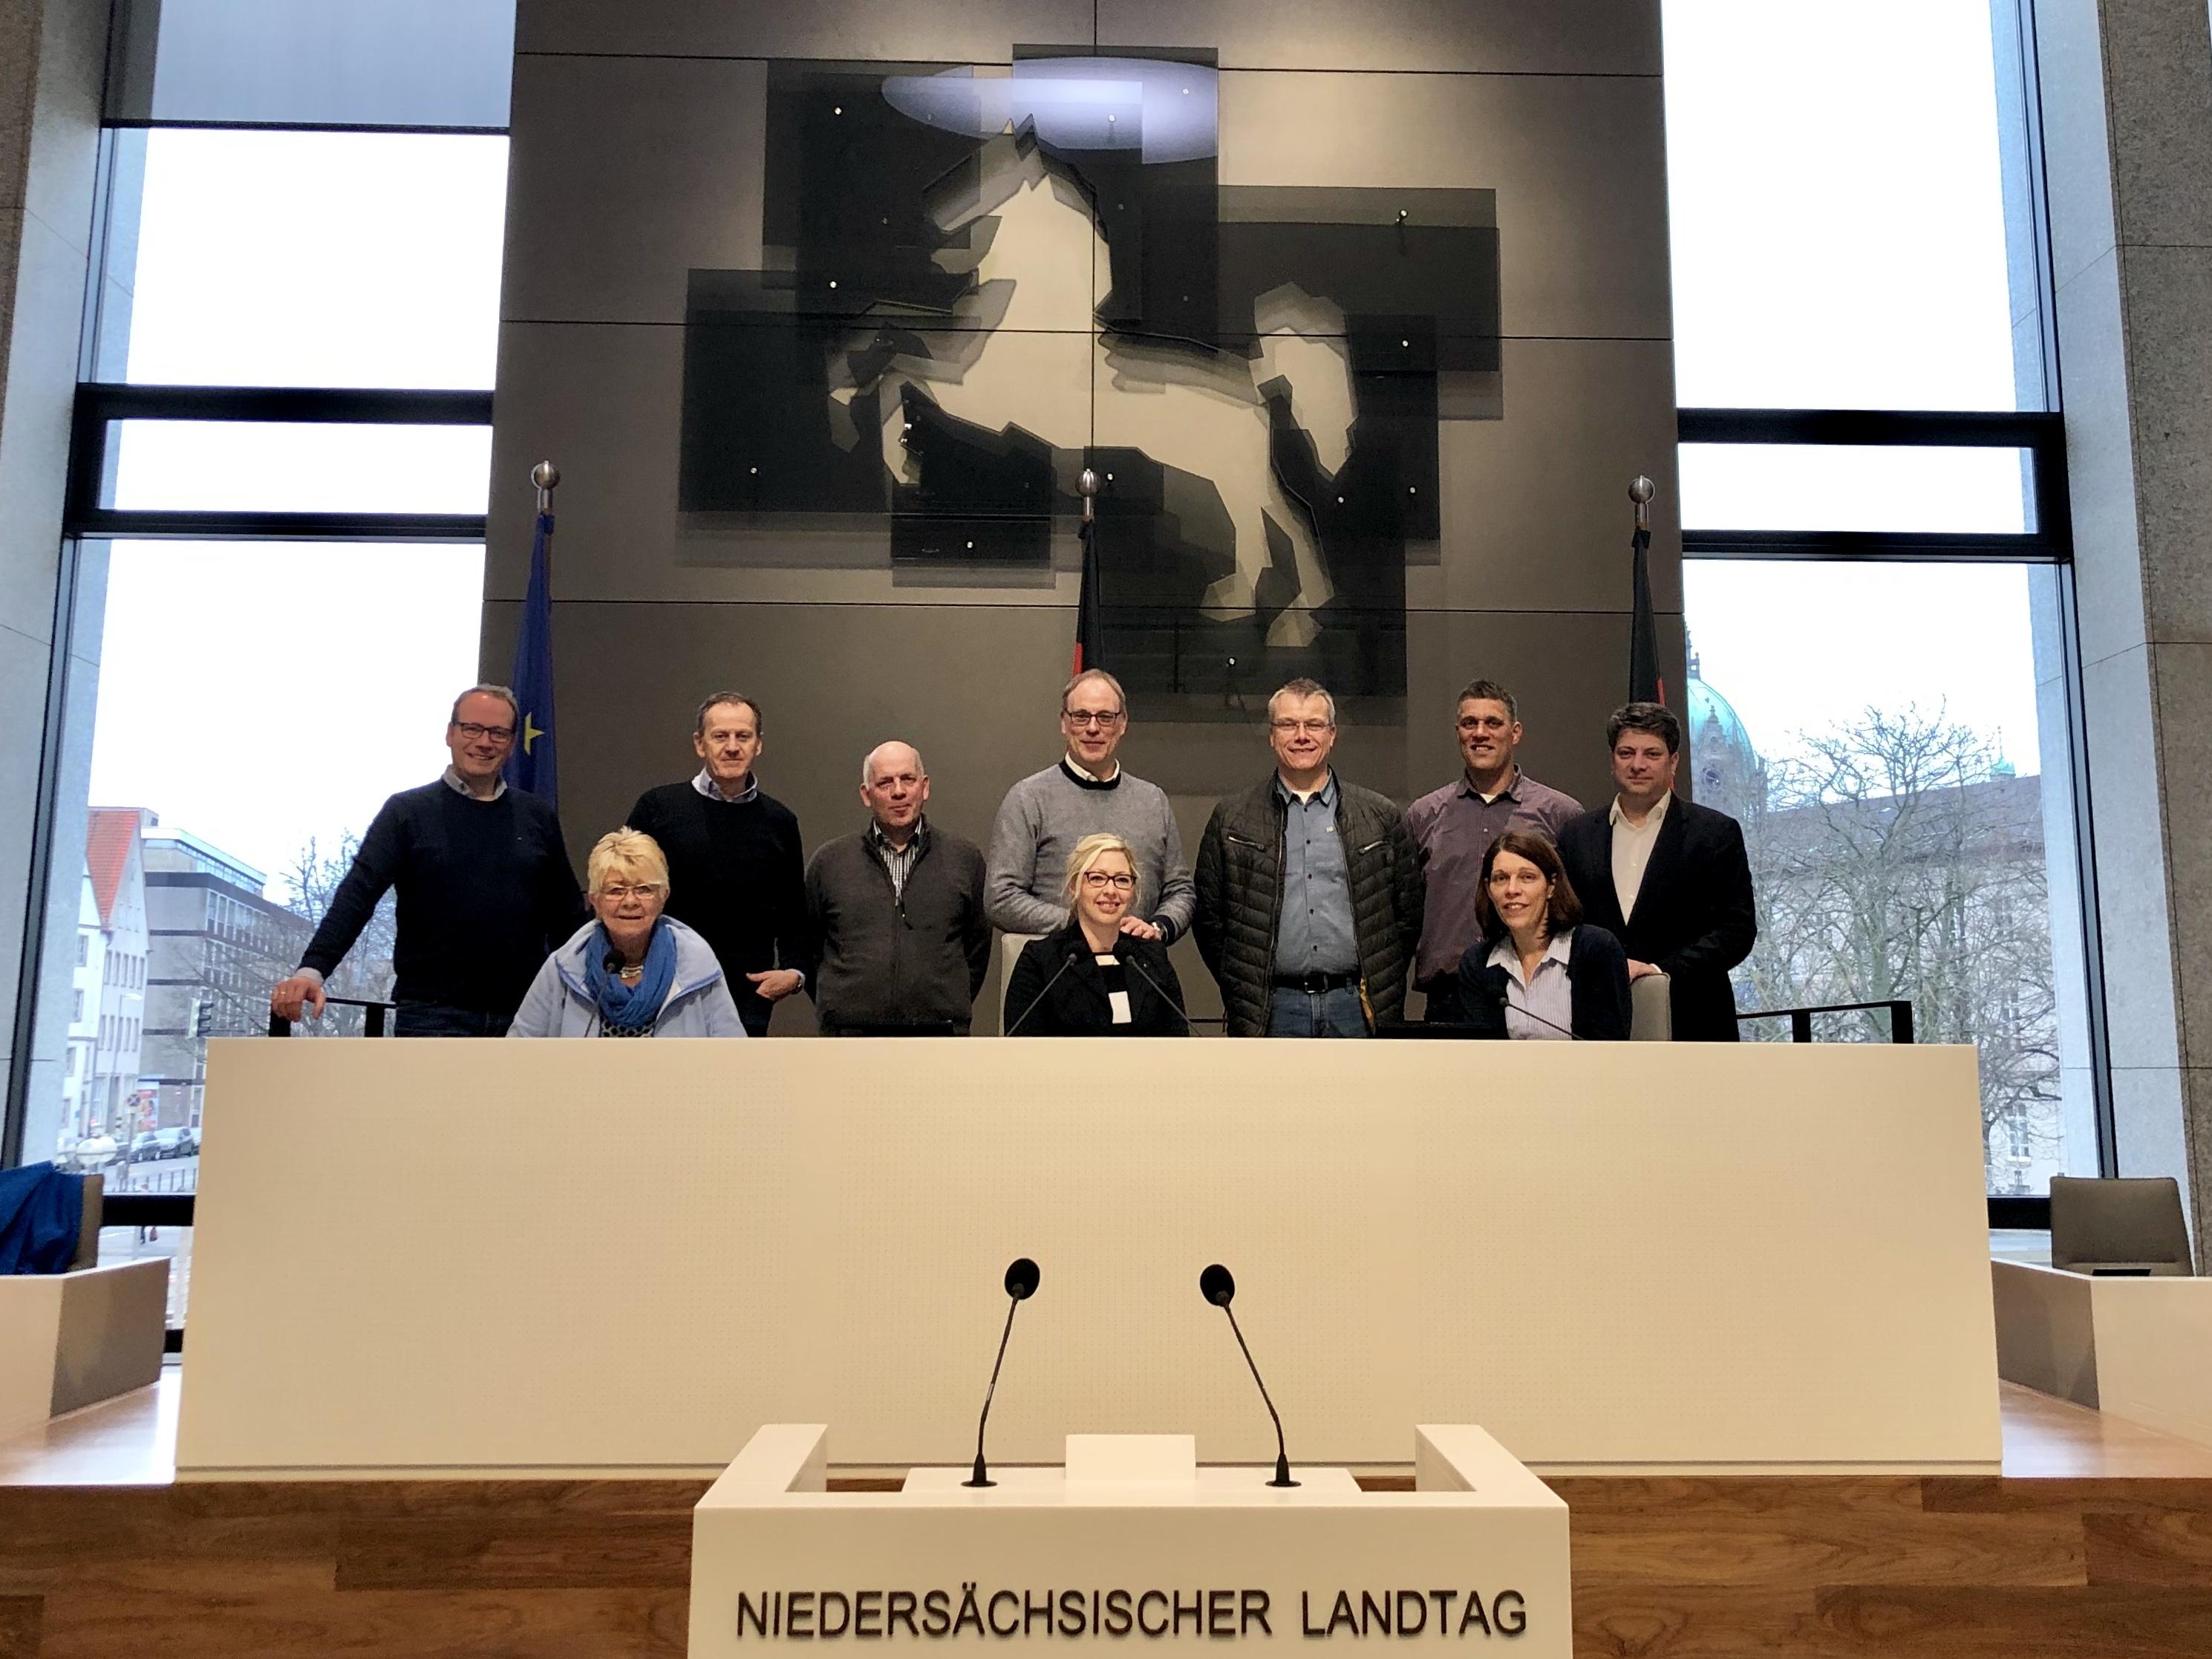 Gruppenfoto im Niedersächsischen Landtag: Christian Calderone empfing den Gemeinderat Eggermühlen im Landesparlament.